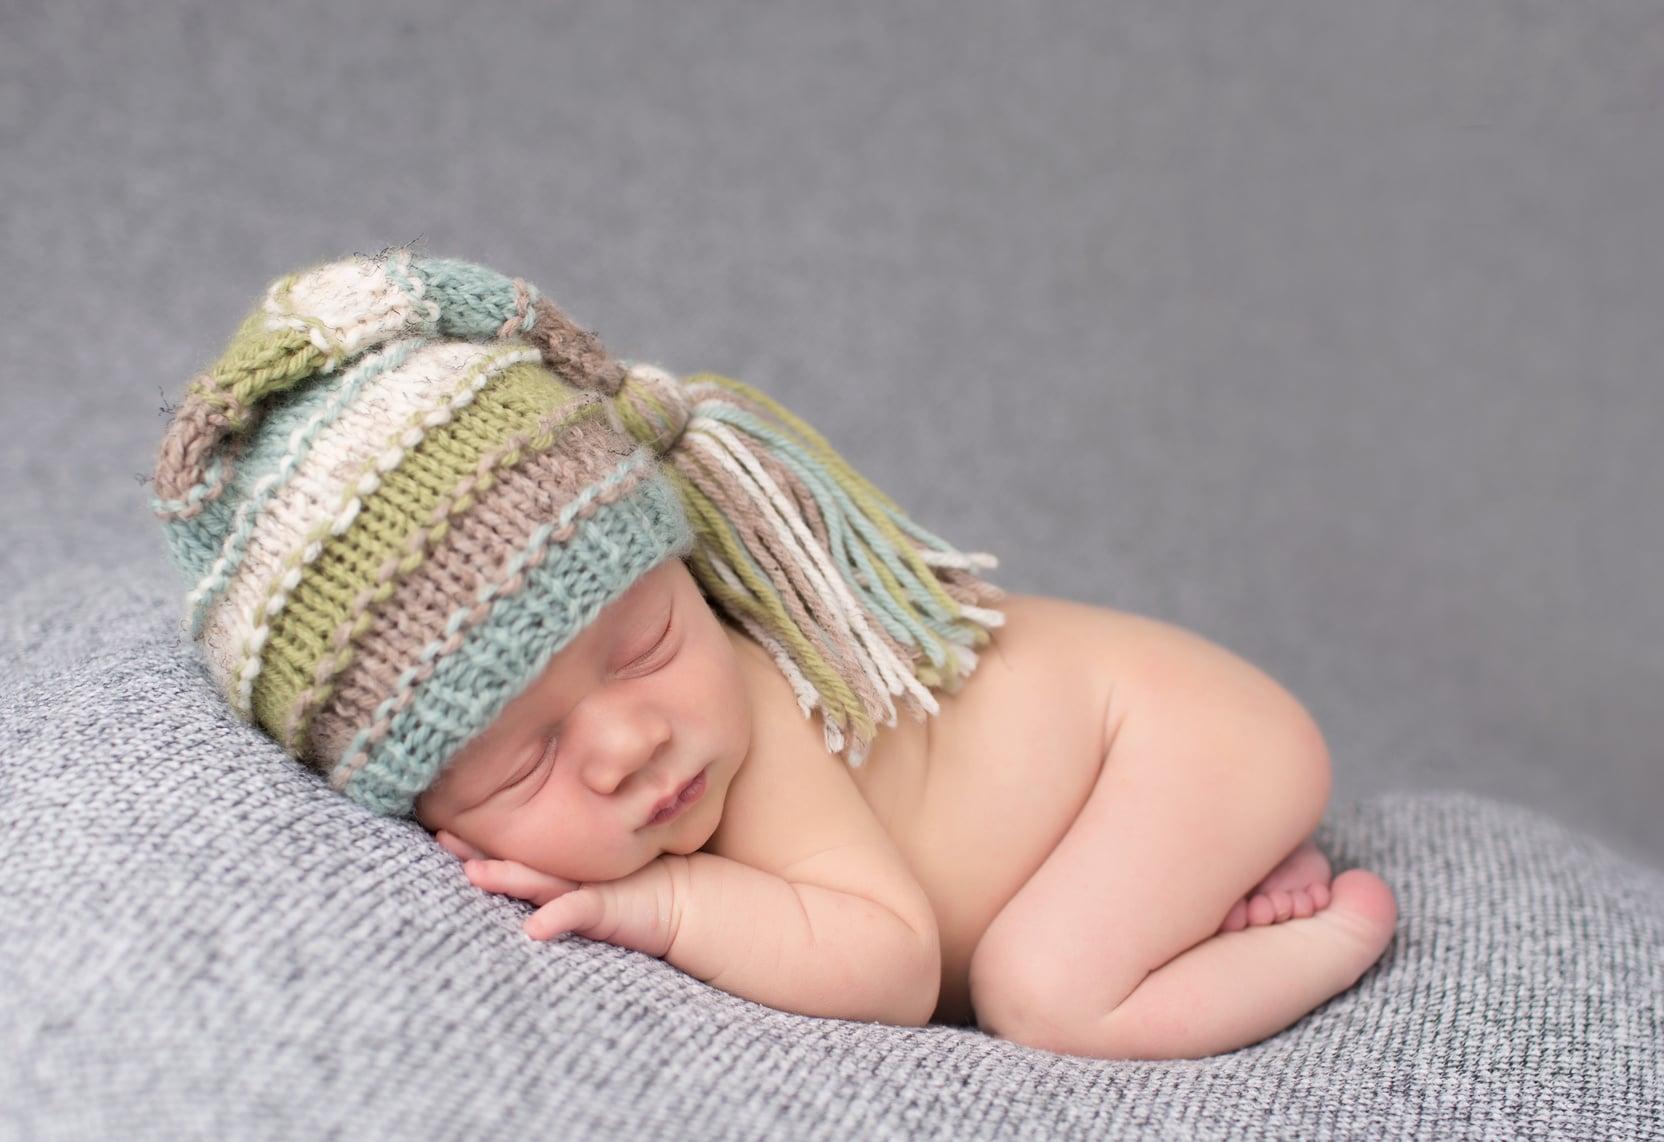 Aumentano gli abbandoni di neonati. L'infanzia patisce gli effetti delle restrizioni anti-covid